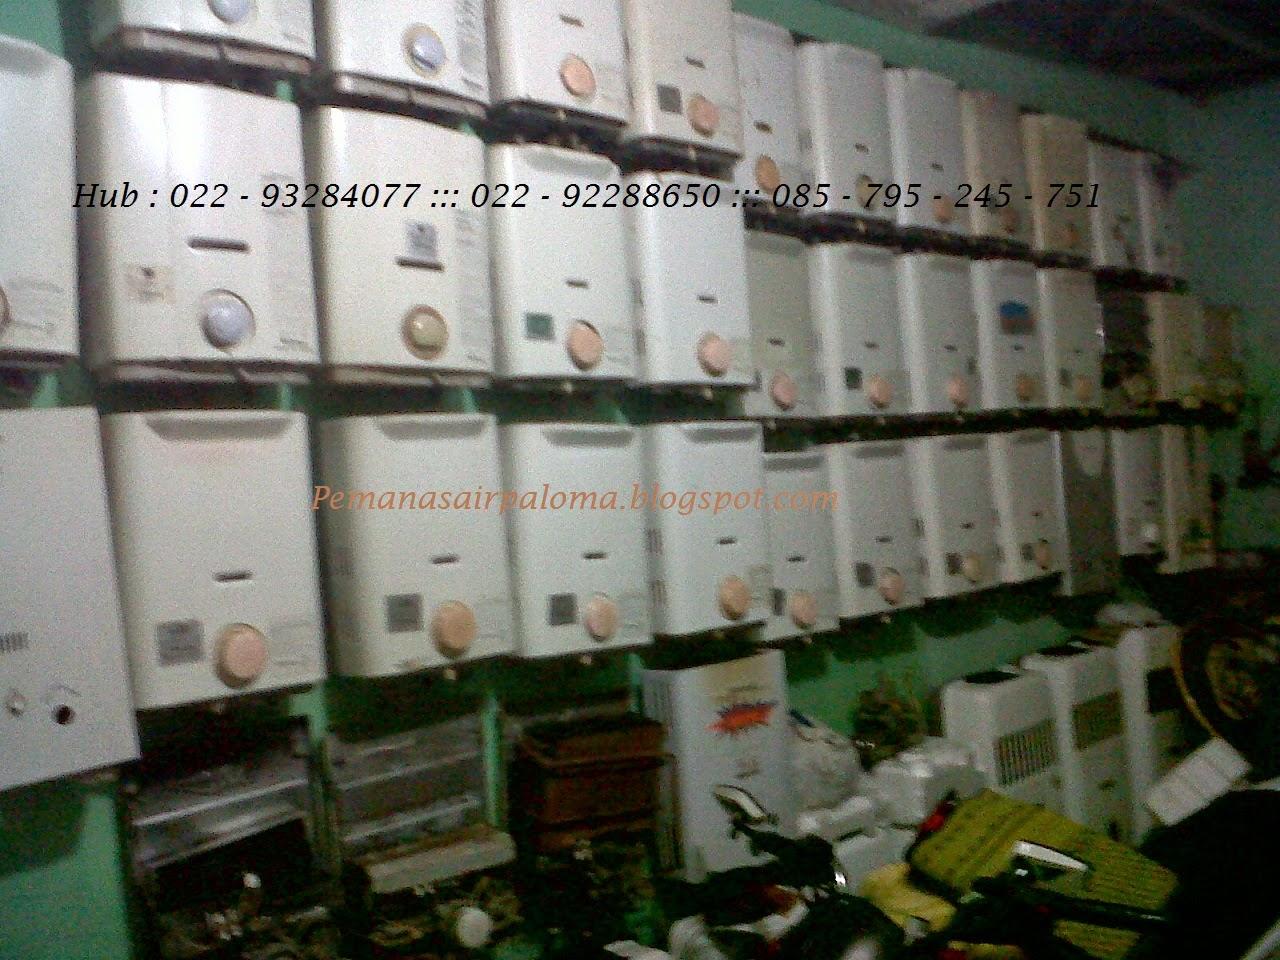 koleksi bekas water heater ariston paloma bandung